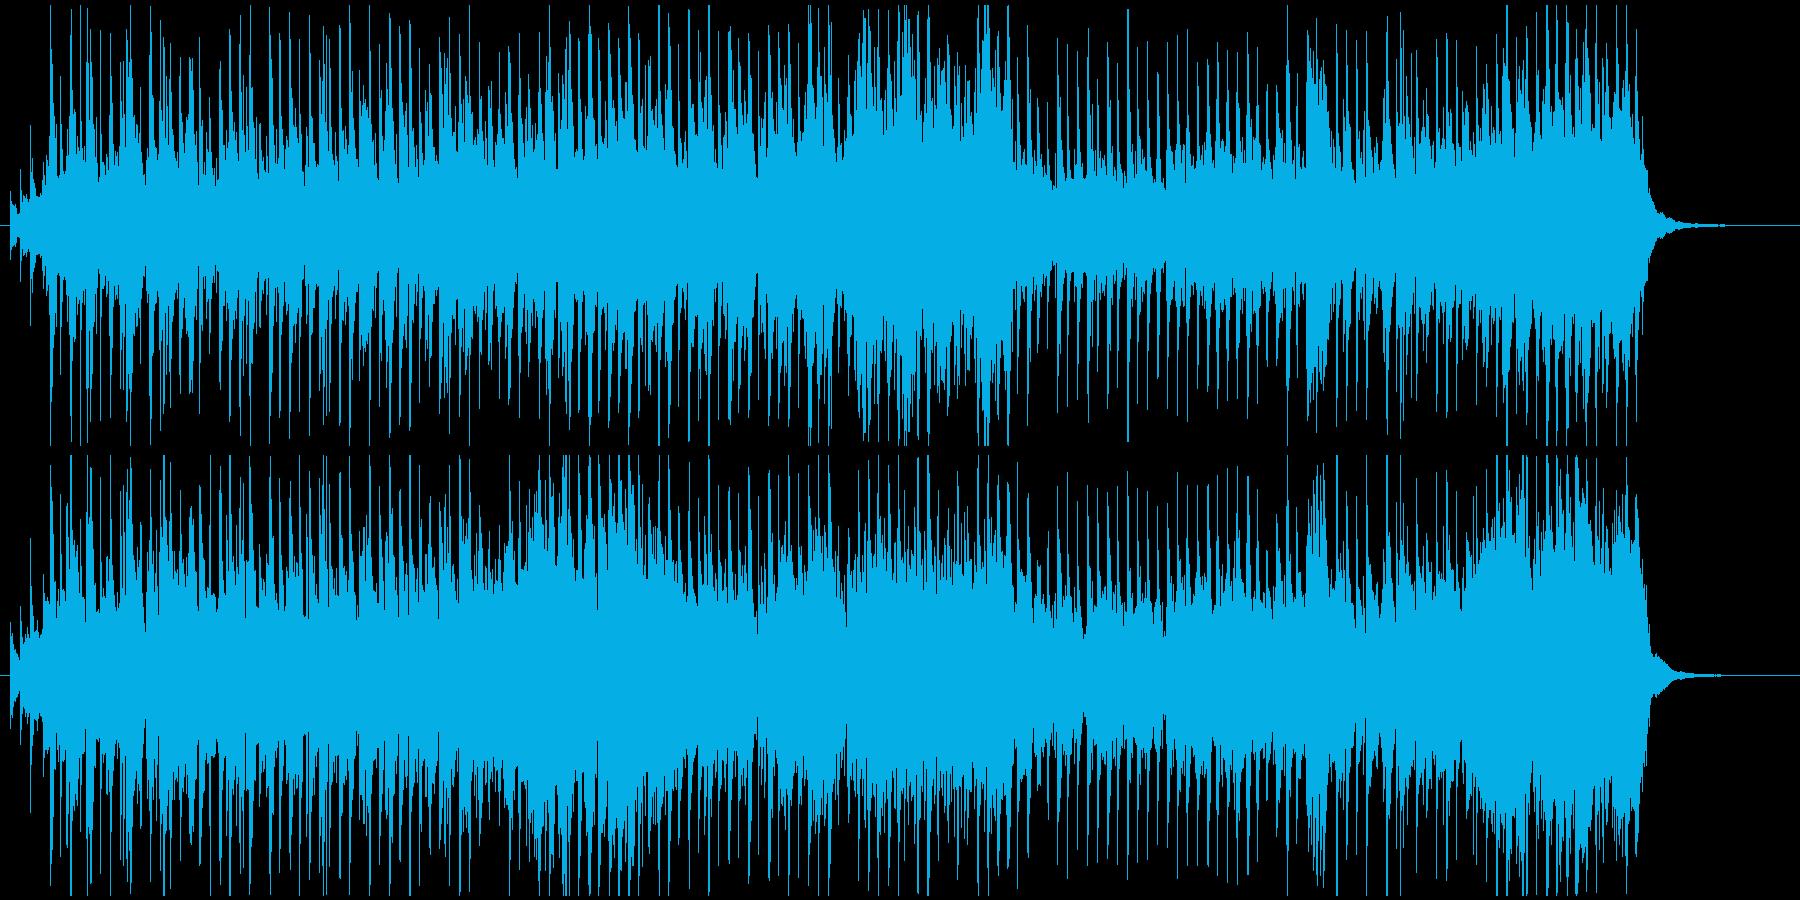 ホイッスルとギターの爽やかなケルト風楽曲の再生済みの波形